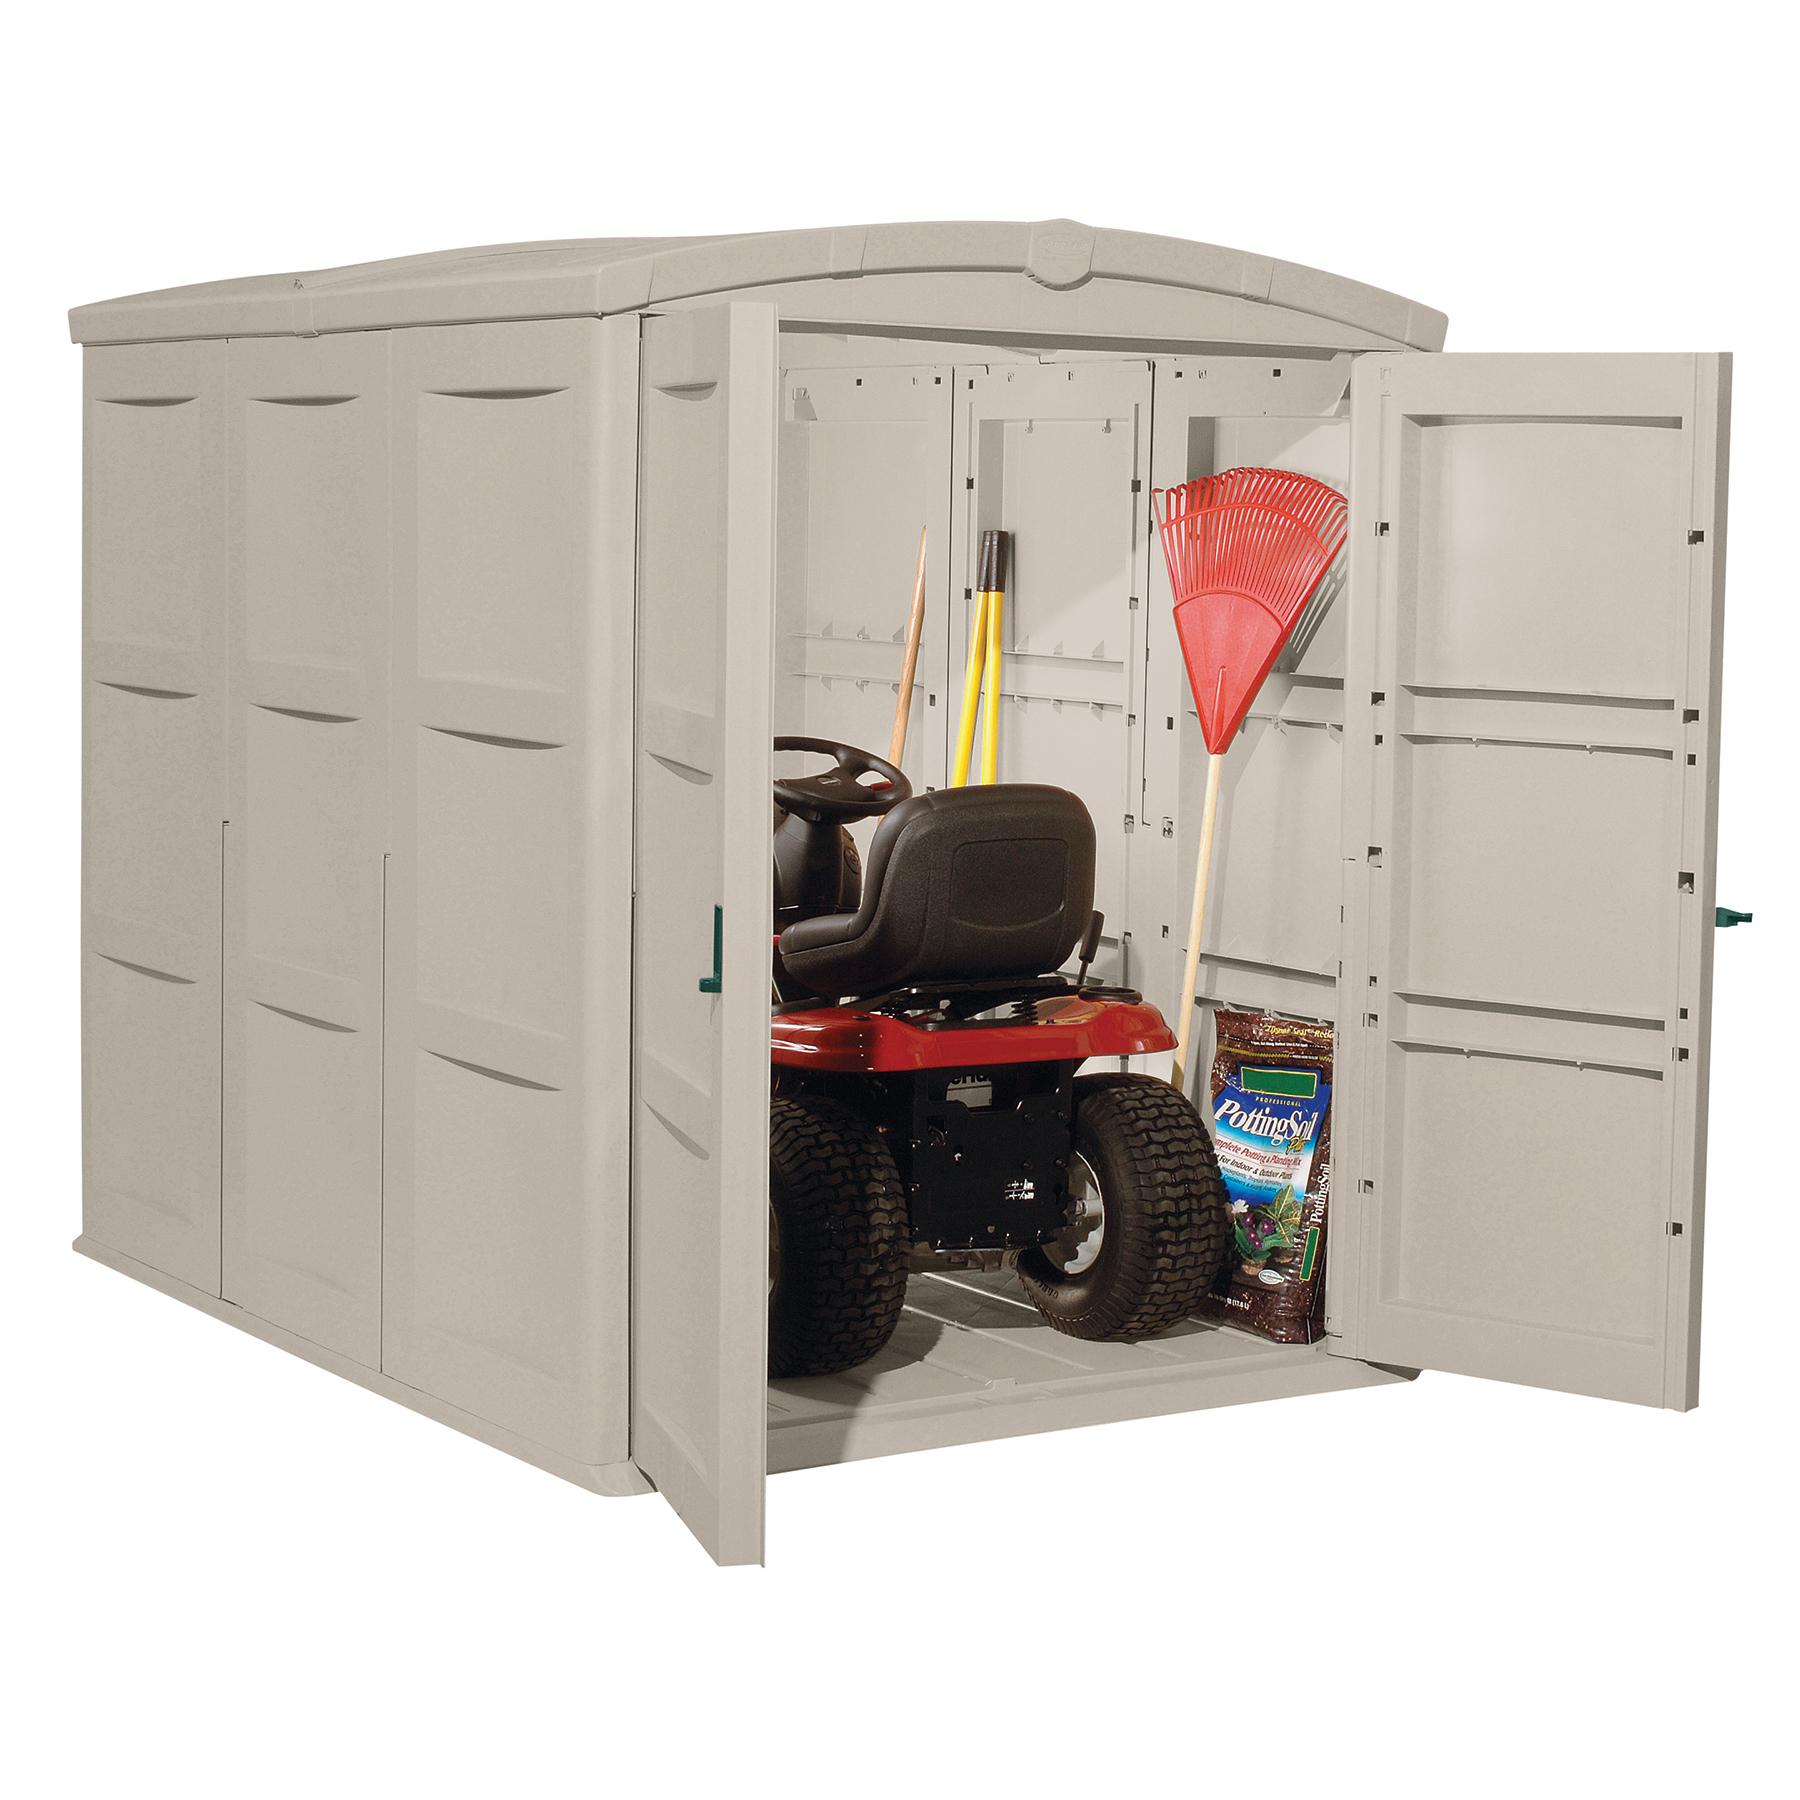 Suncast Extreme Storage Shed - Extra Large